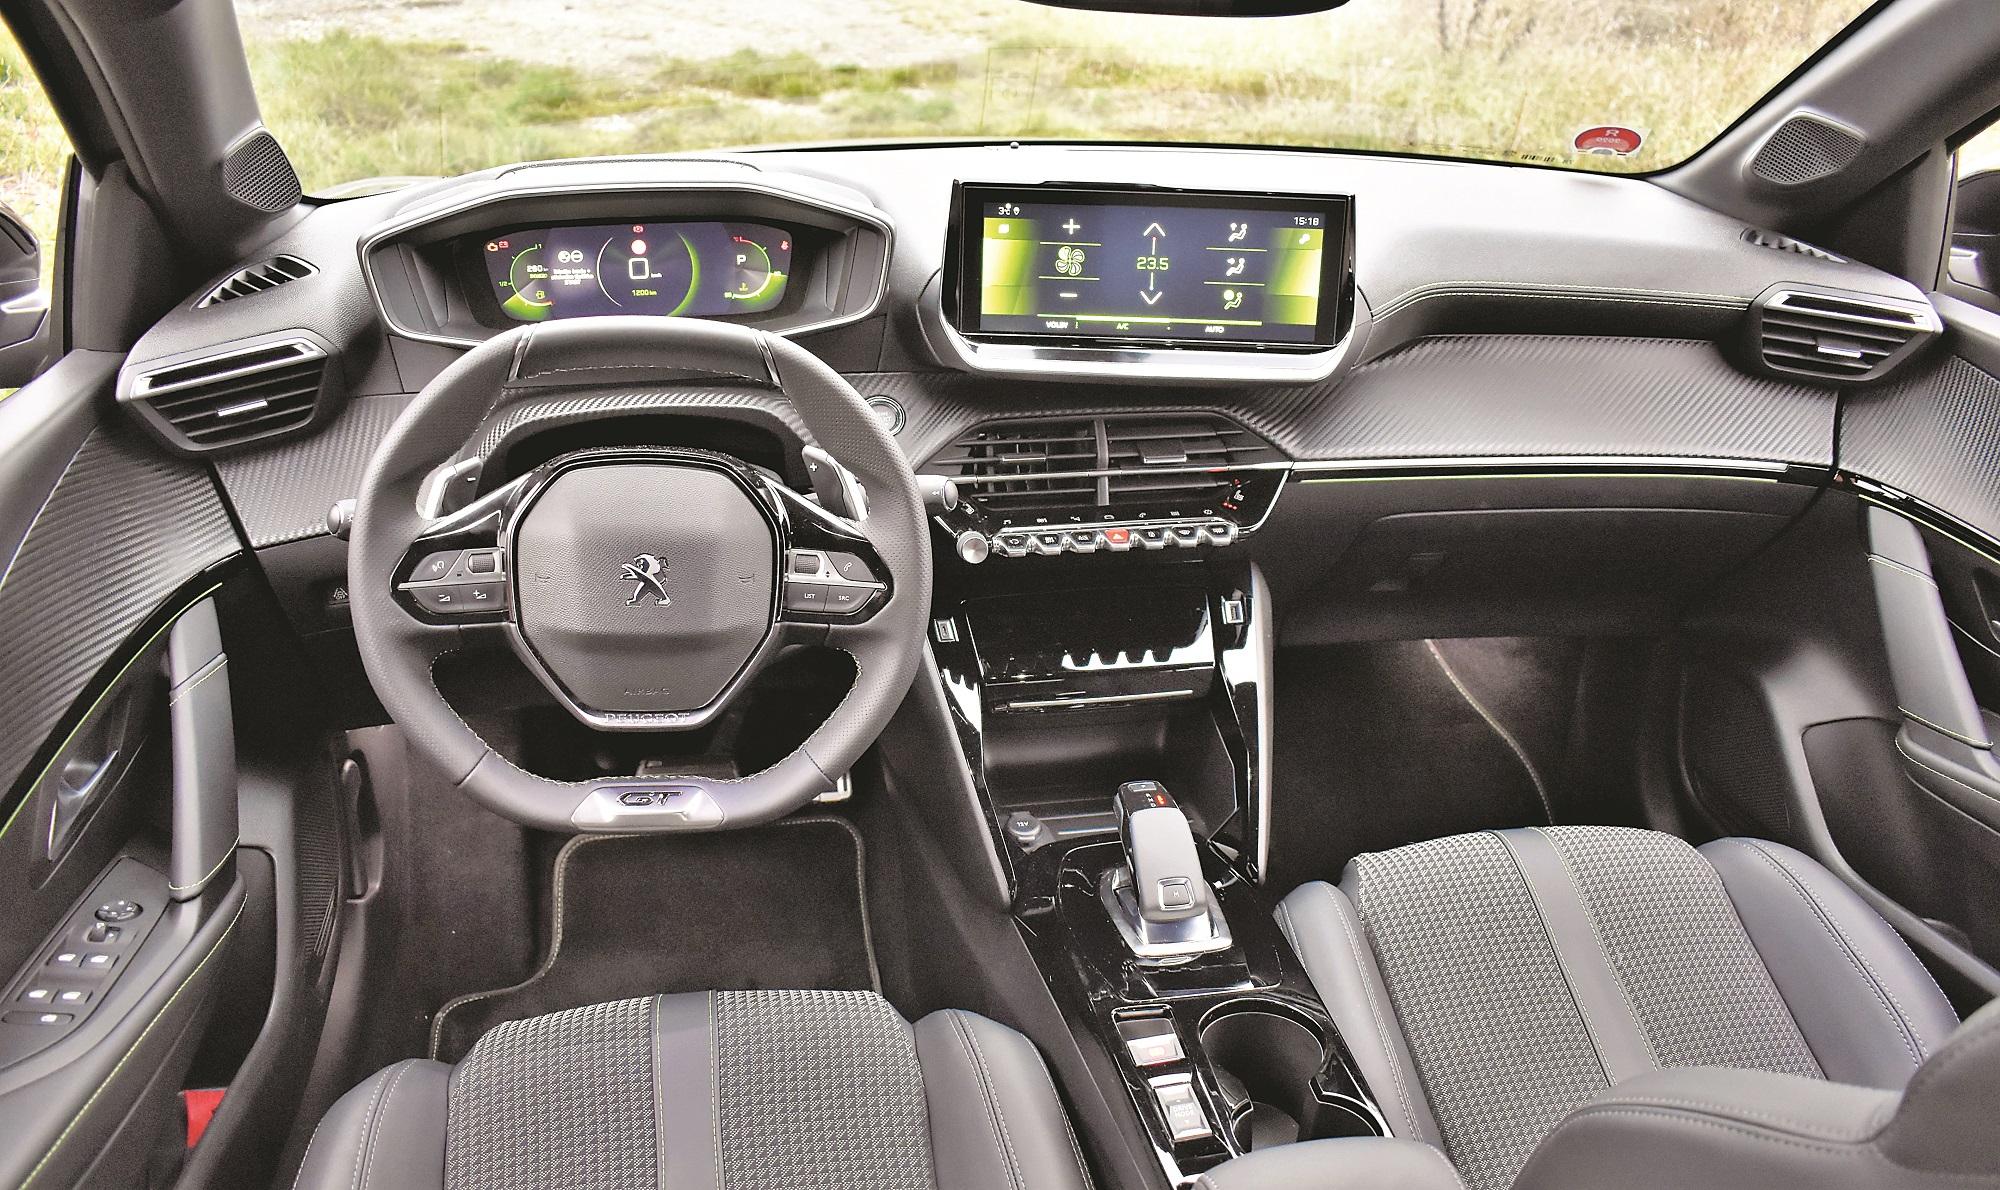 Nápadně malý volant a přístroje umístěné nad volantem nemusí vyhovovat každému. Je to ale velmi originální a elegantní řešení.